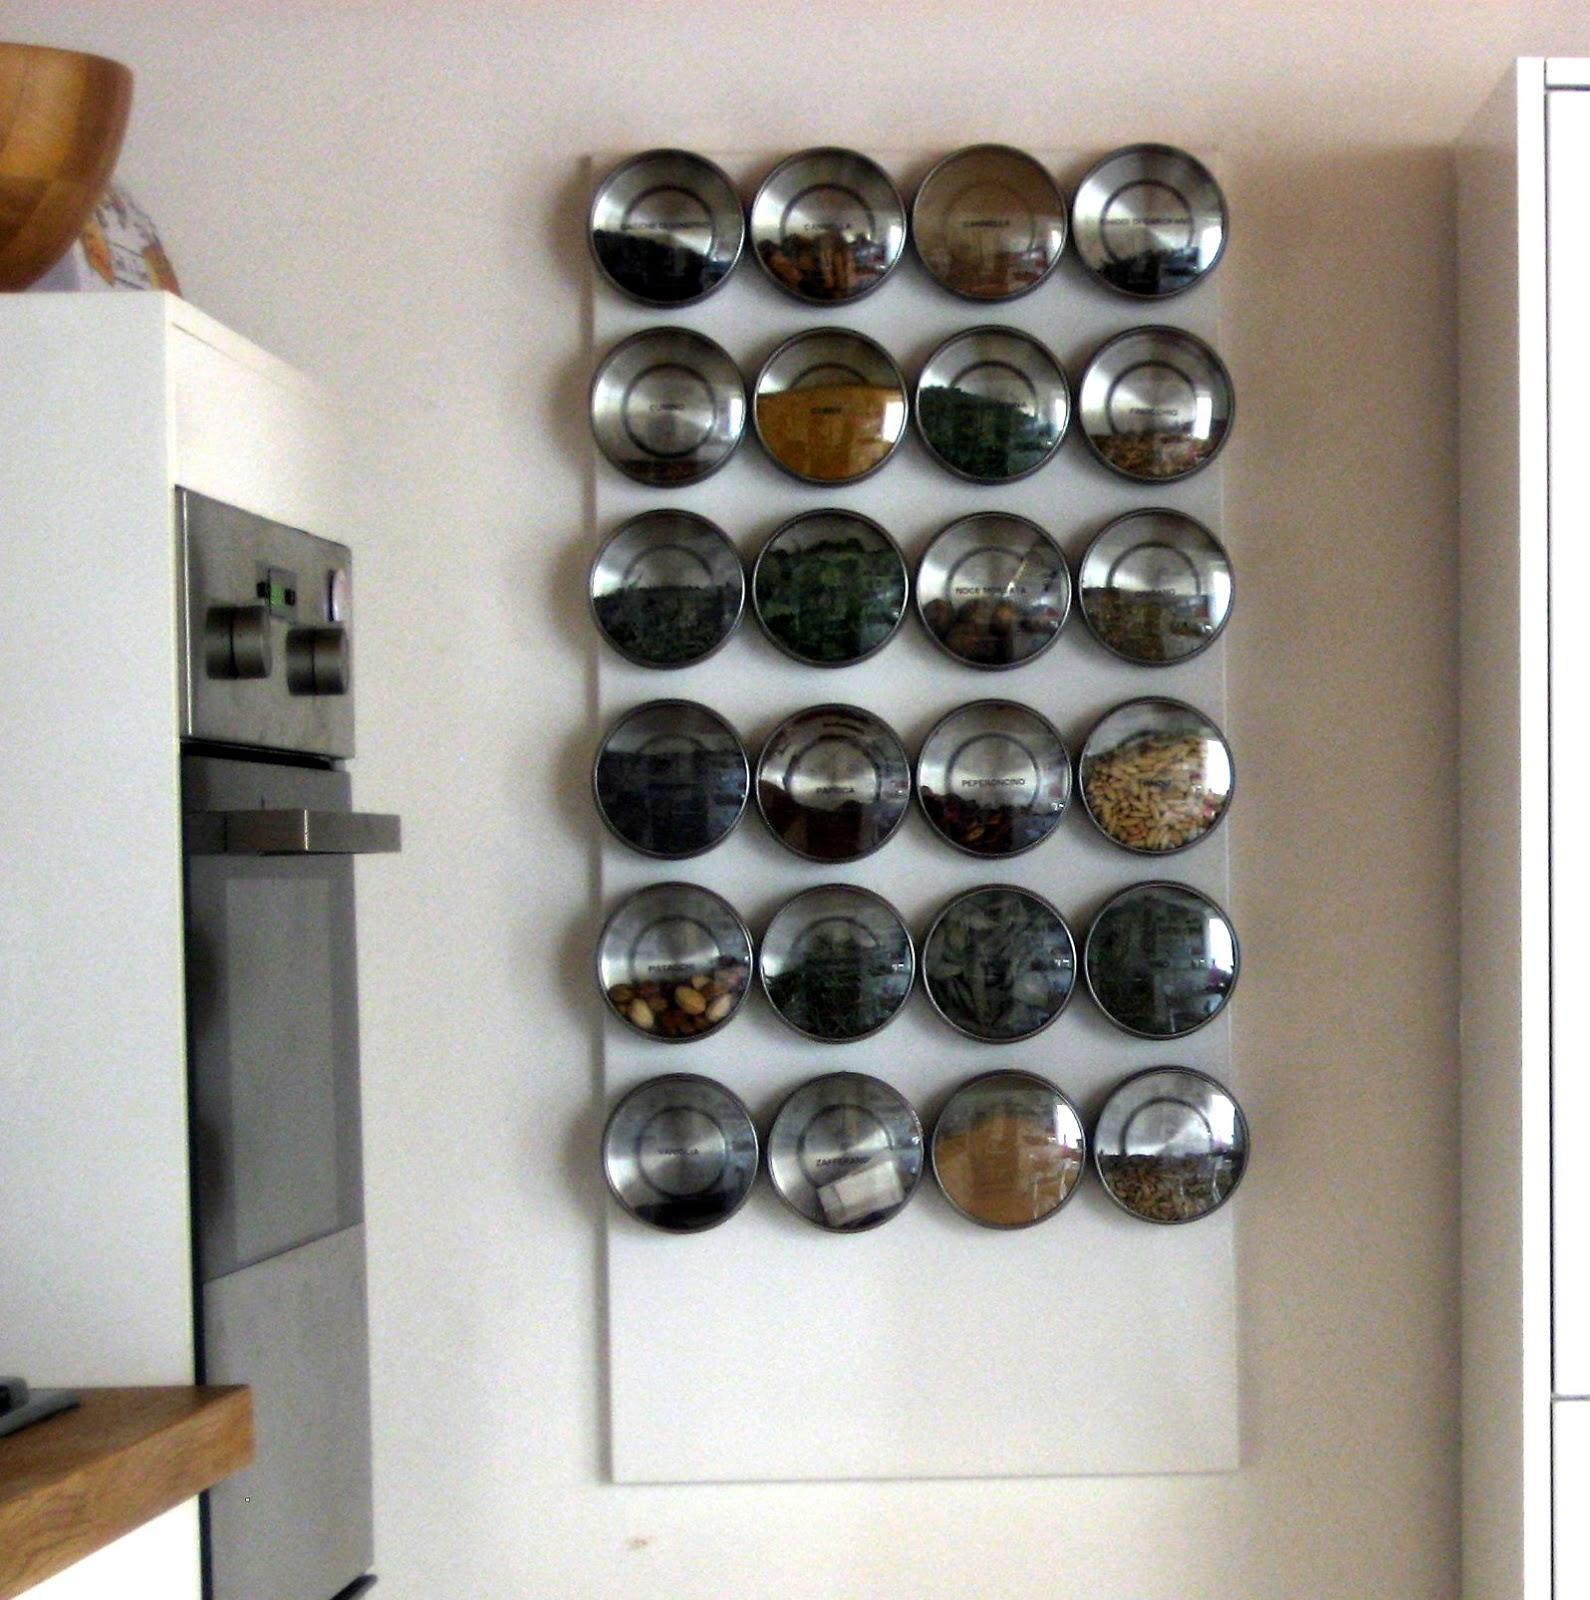 Sorriso a 365 giorni paroladordine organizzare le spezie for Ikea portaspezie